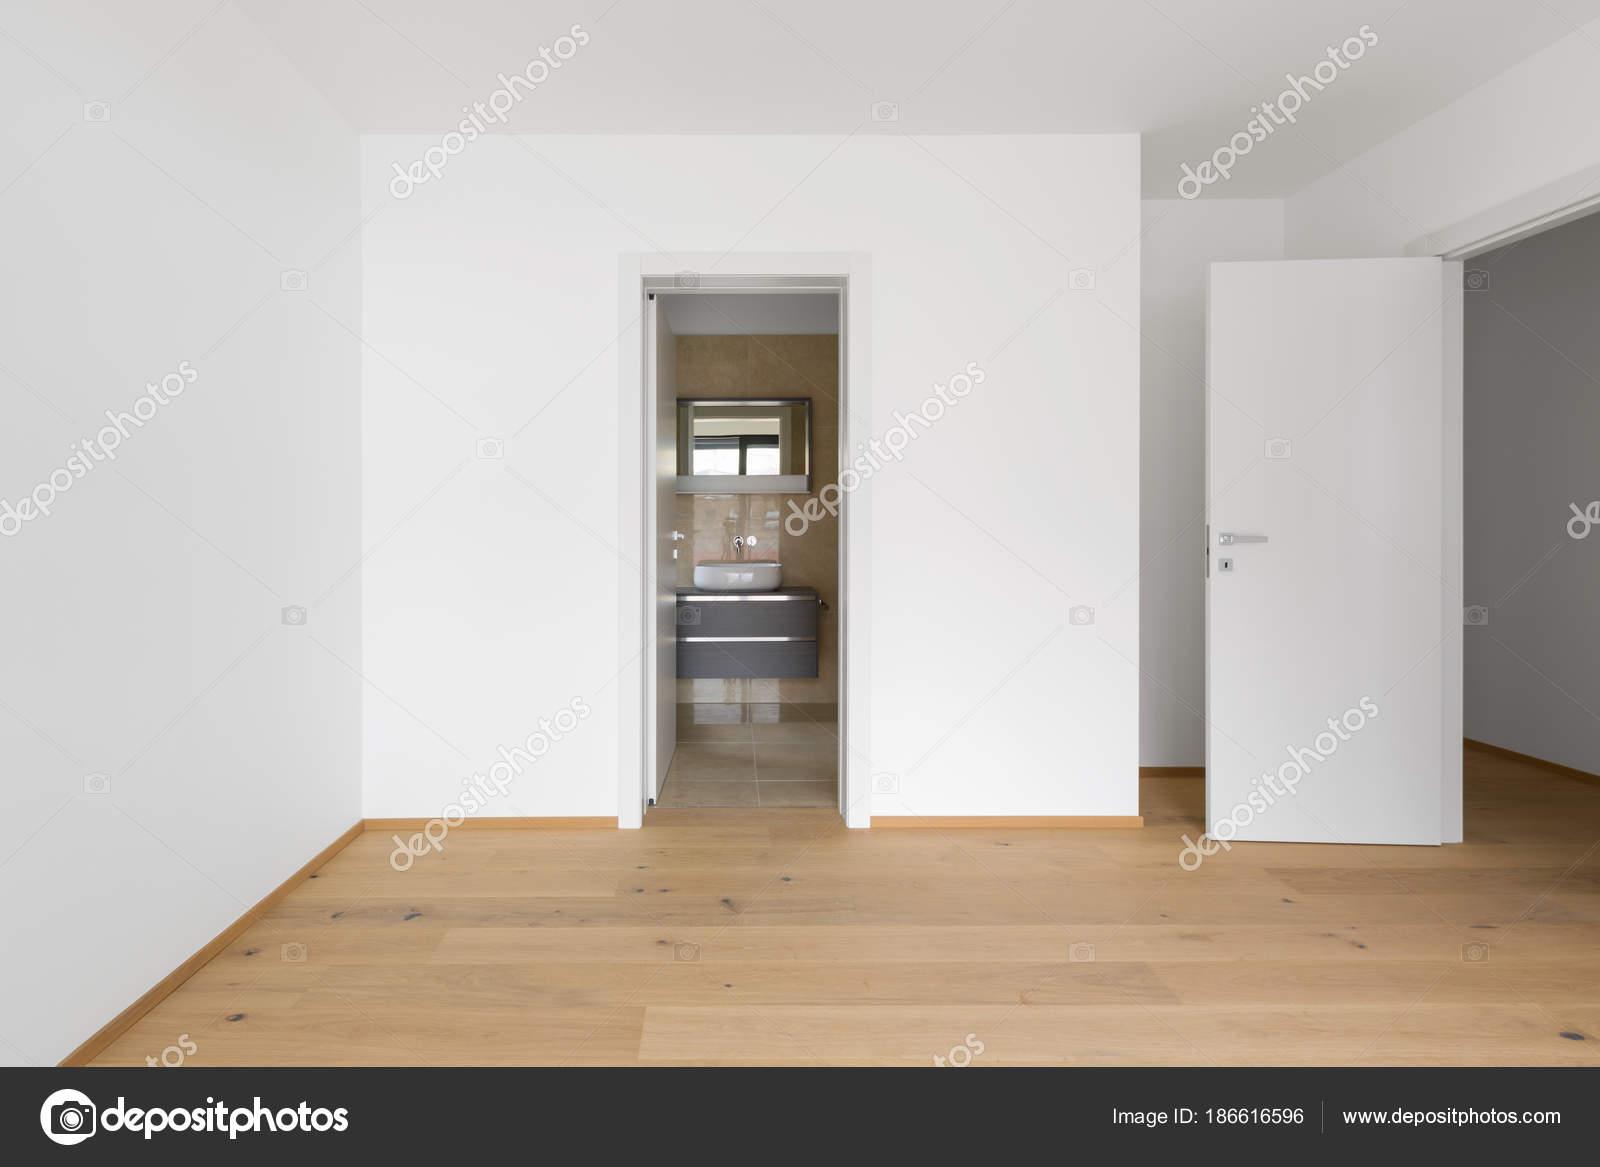 Vide chambre avec salle de bains en marbre attenante — Photographie ...